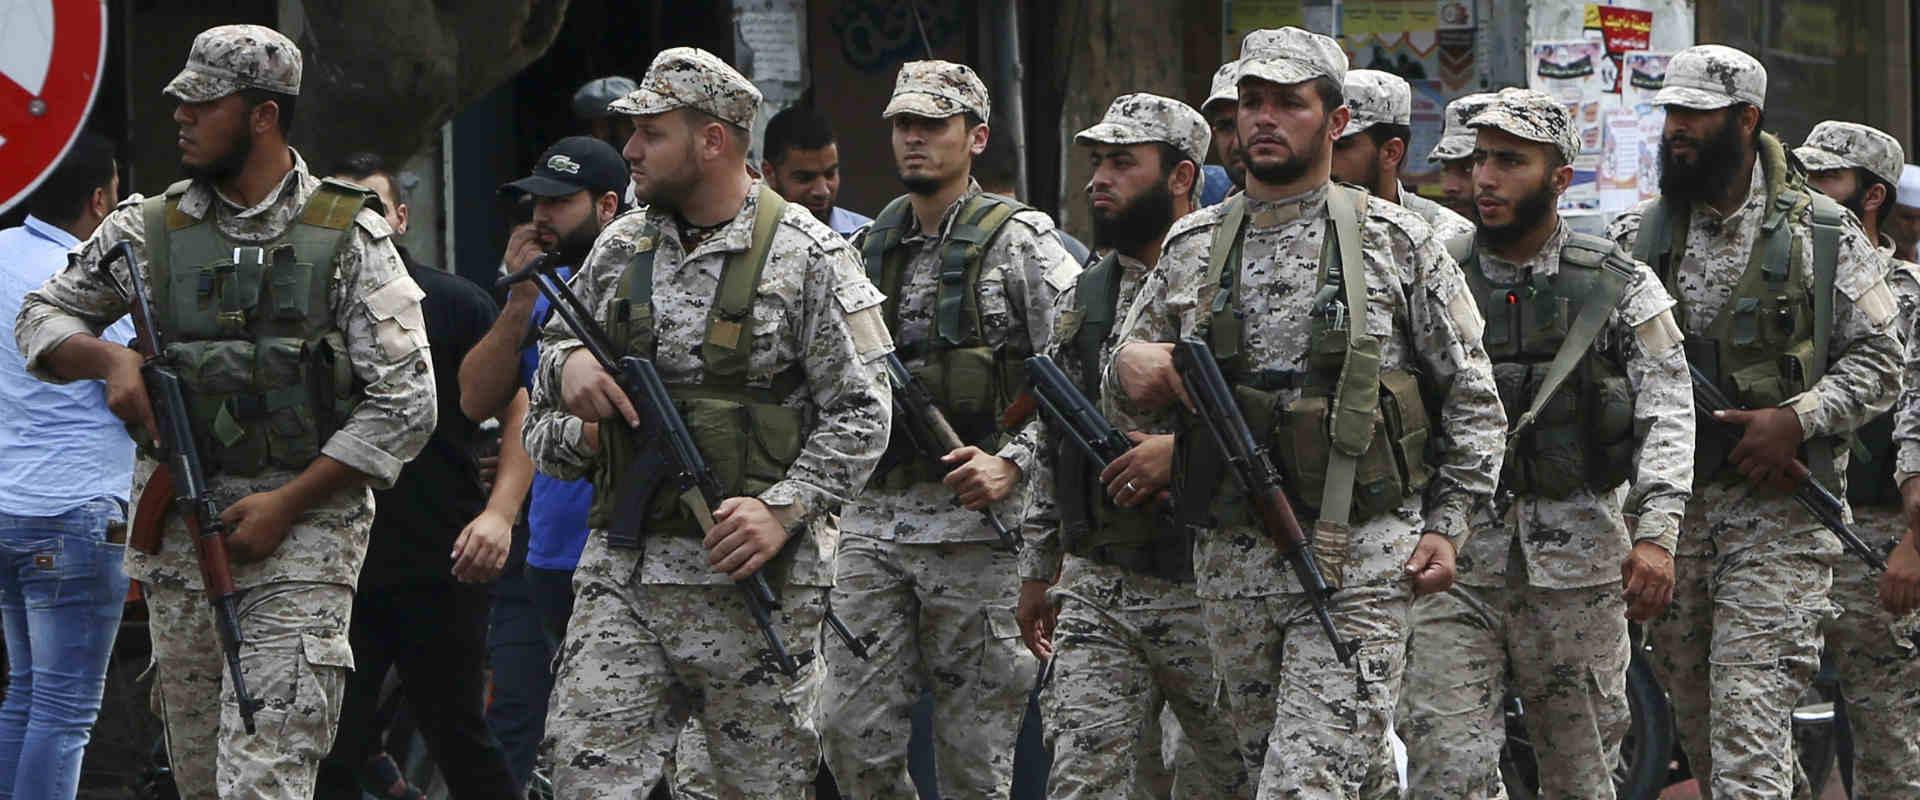 אנשי הזרוע הצבאית של חמאס